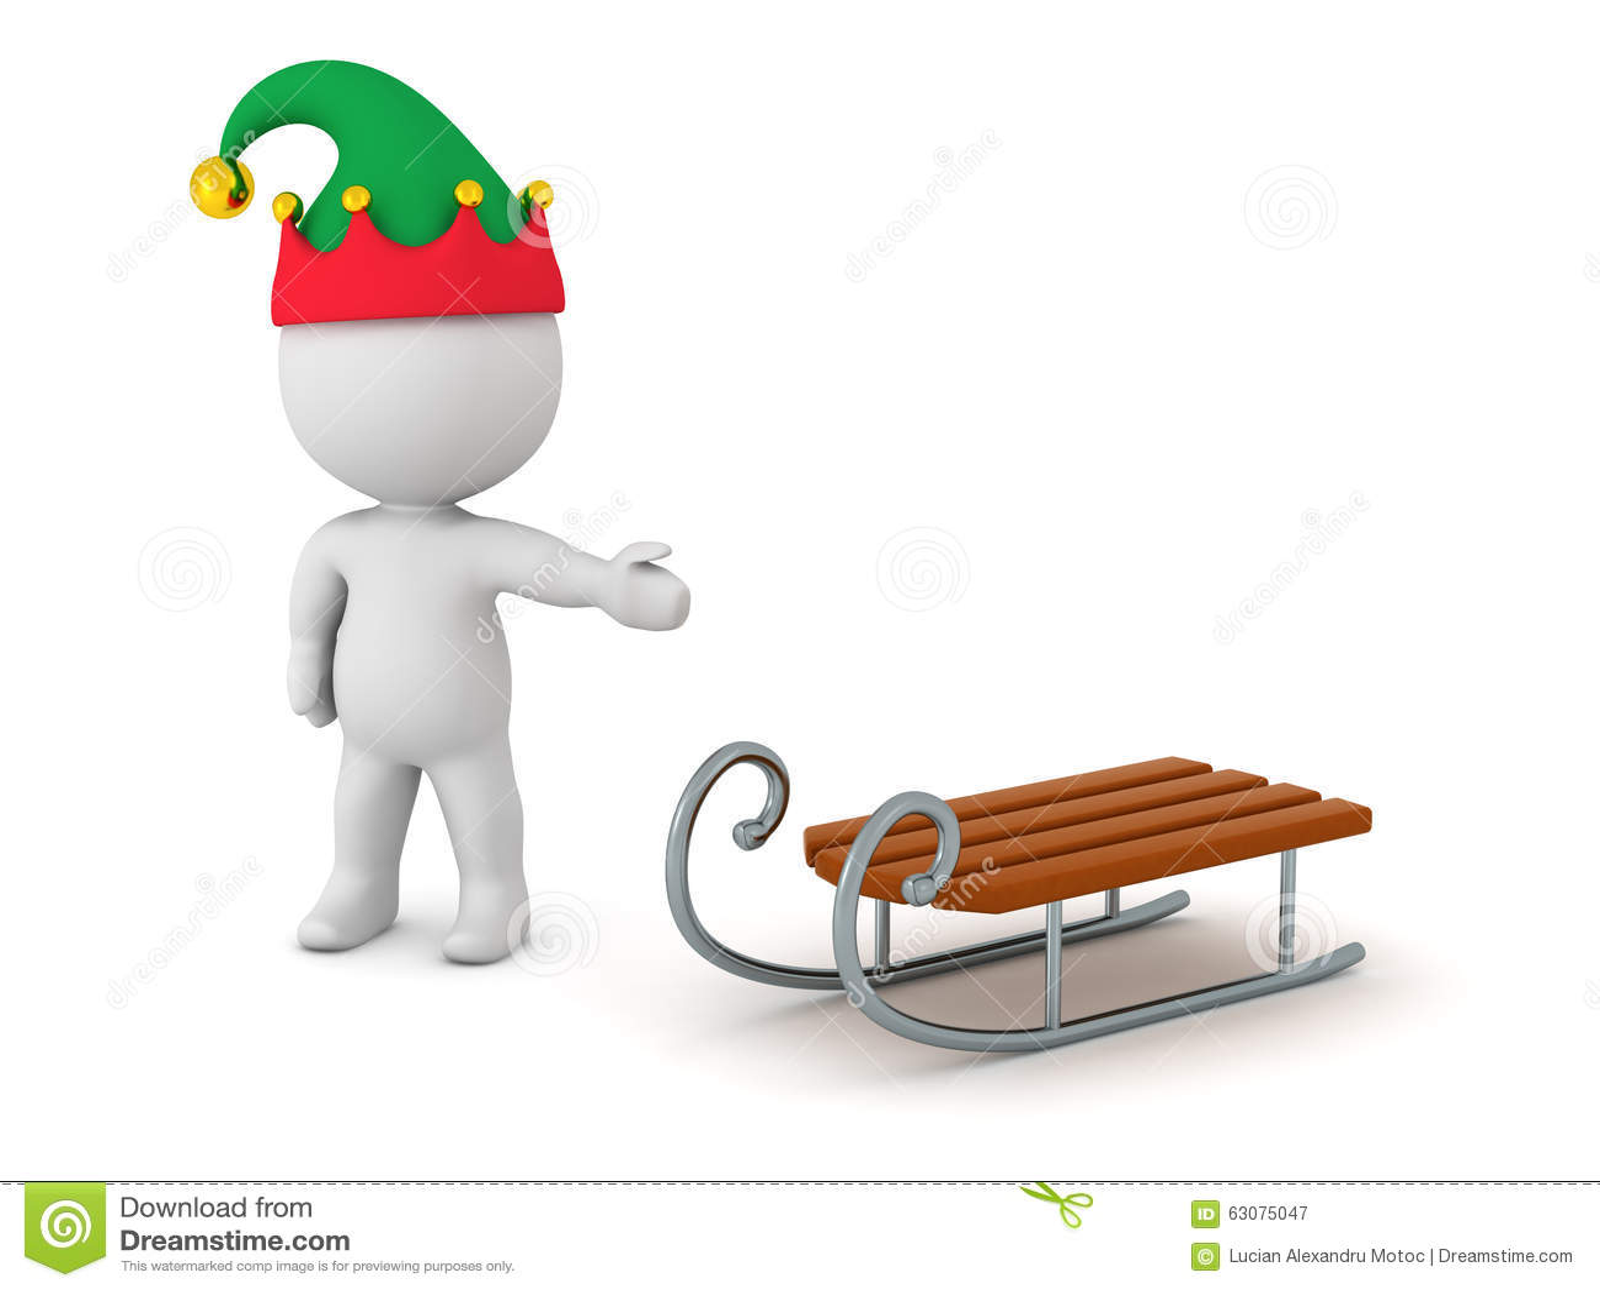 Download Caractère 3D Avec Le Chapeau D'Elf Montrant Toy Sled Illustration Stock - Illustration du petit, mignon: 63075047